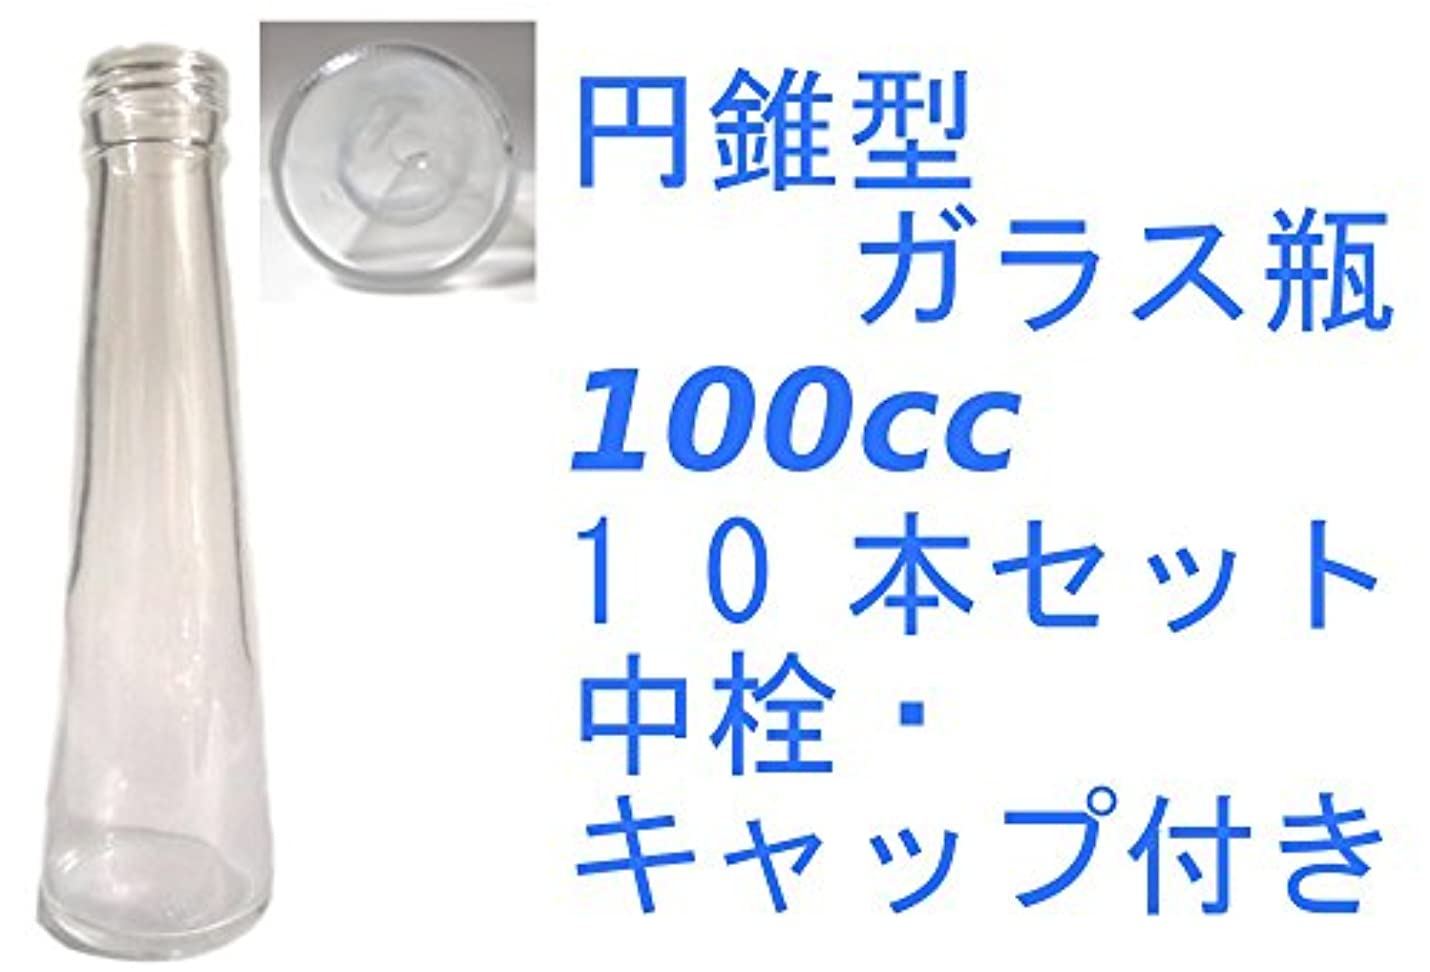 そっと野な全く(ジャストユーズ)JustU's 日本製 ポリ栓 中栓付き円錐型ガラス瓶 10本セット 100cc 100ml アロマディフューザー ハーバリウム 調味料 オイル タレ ドレッシング瓶 B10-SSG100A-A